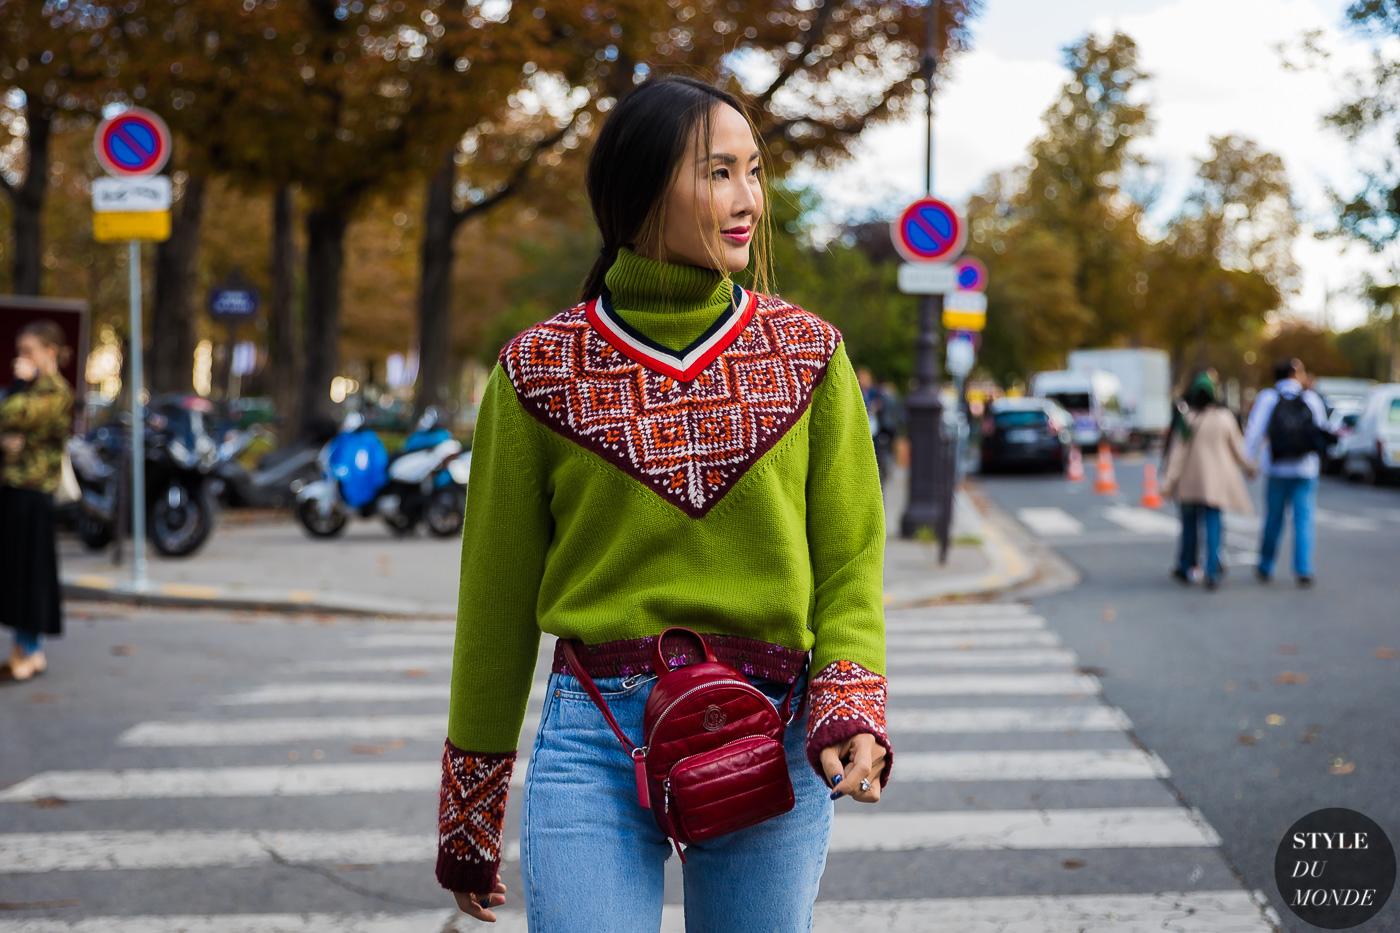 Porady stylisty: Sweater Weather * jakie swetry nosić tej jesieni?